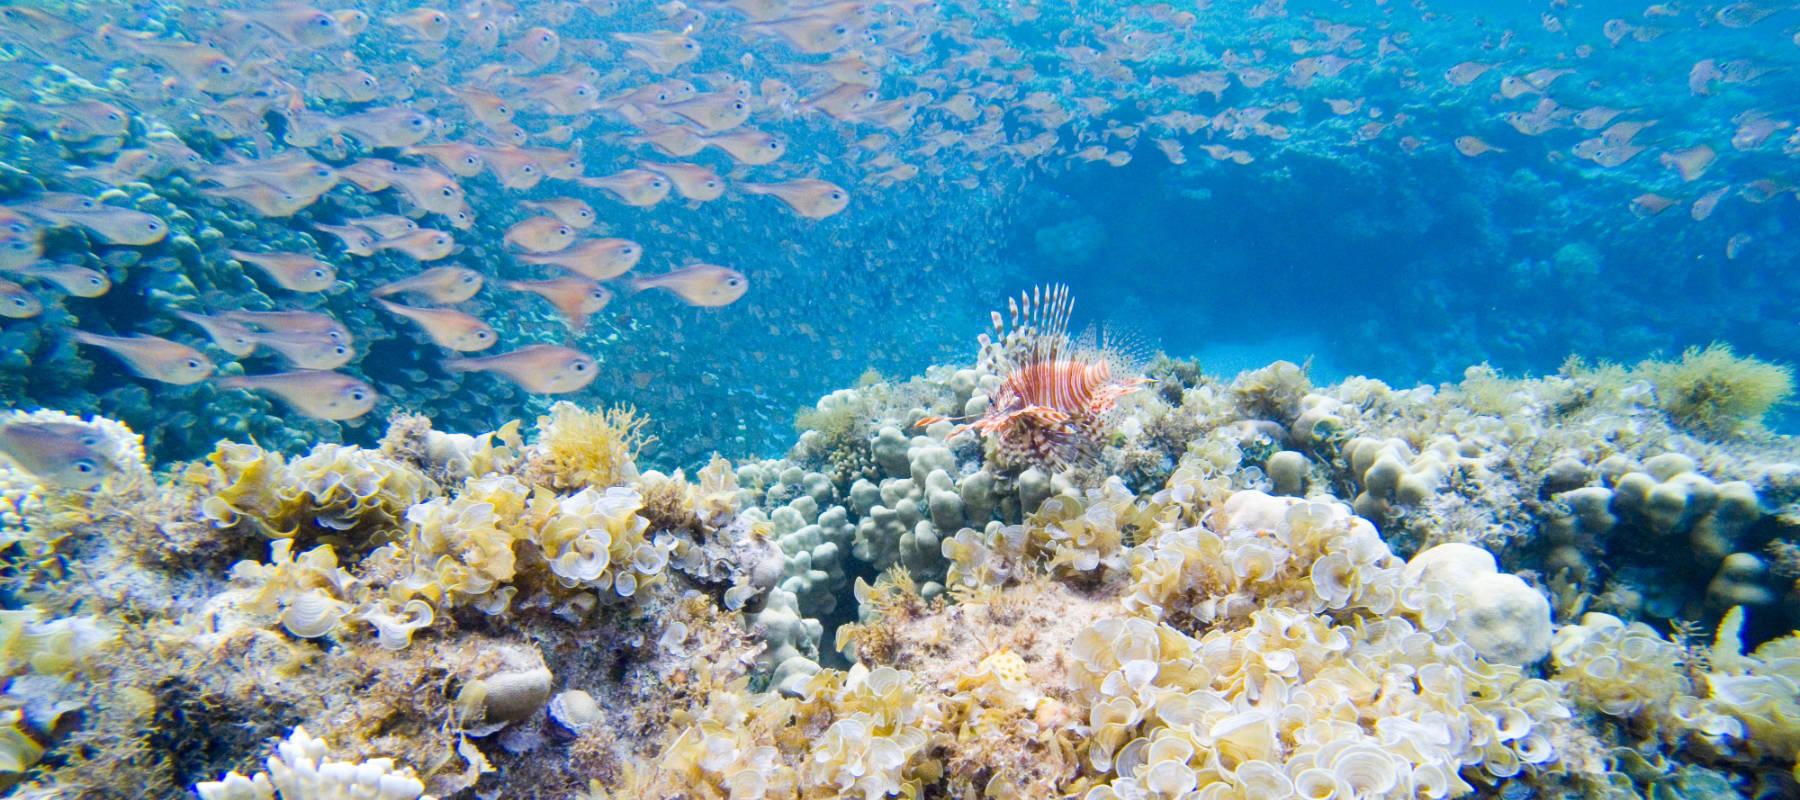 Valoración de los servicios ecosistémicos marinos